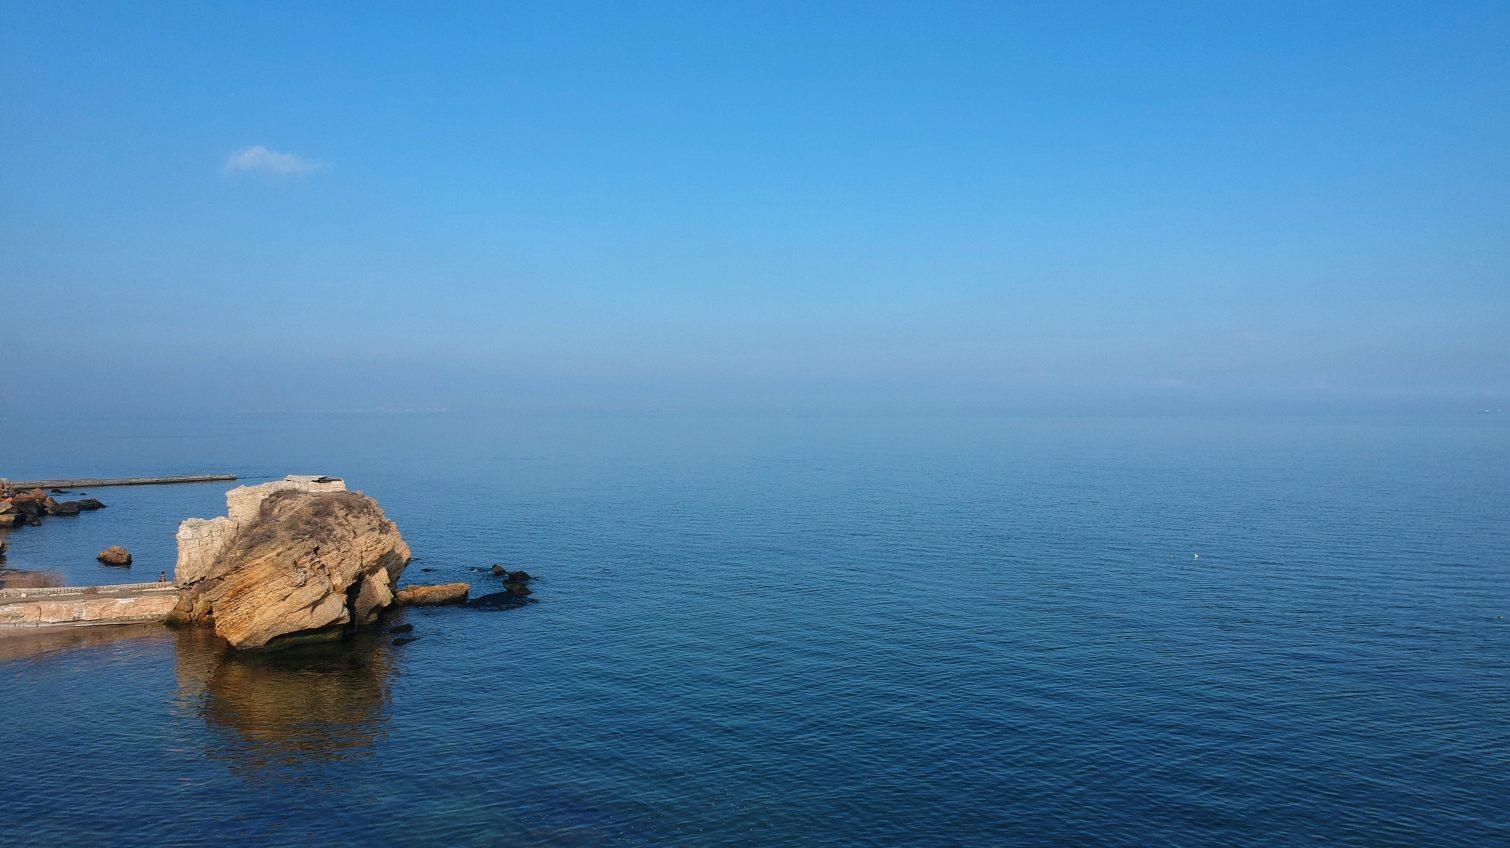 В четверг в Одессе будет солнечно и станет теплее «фото»